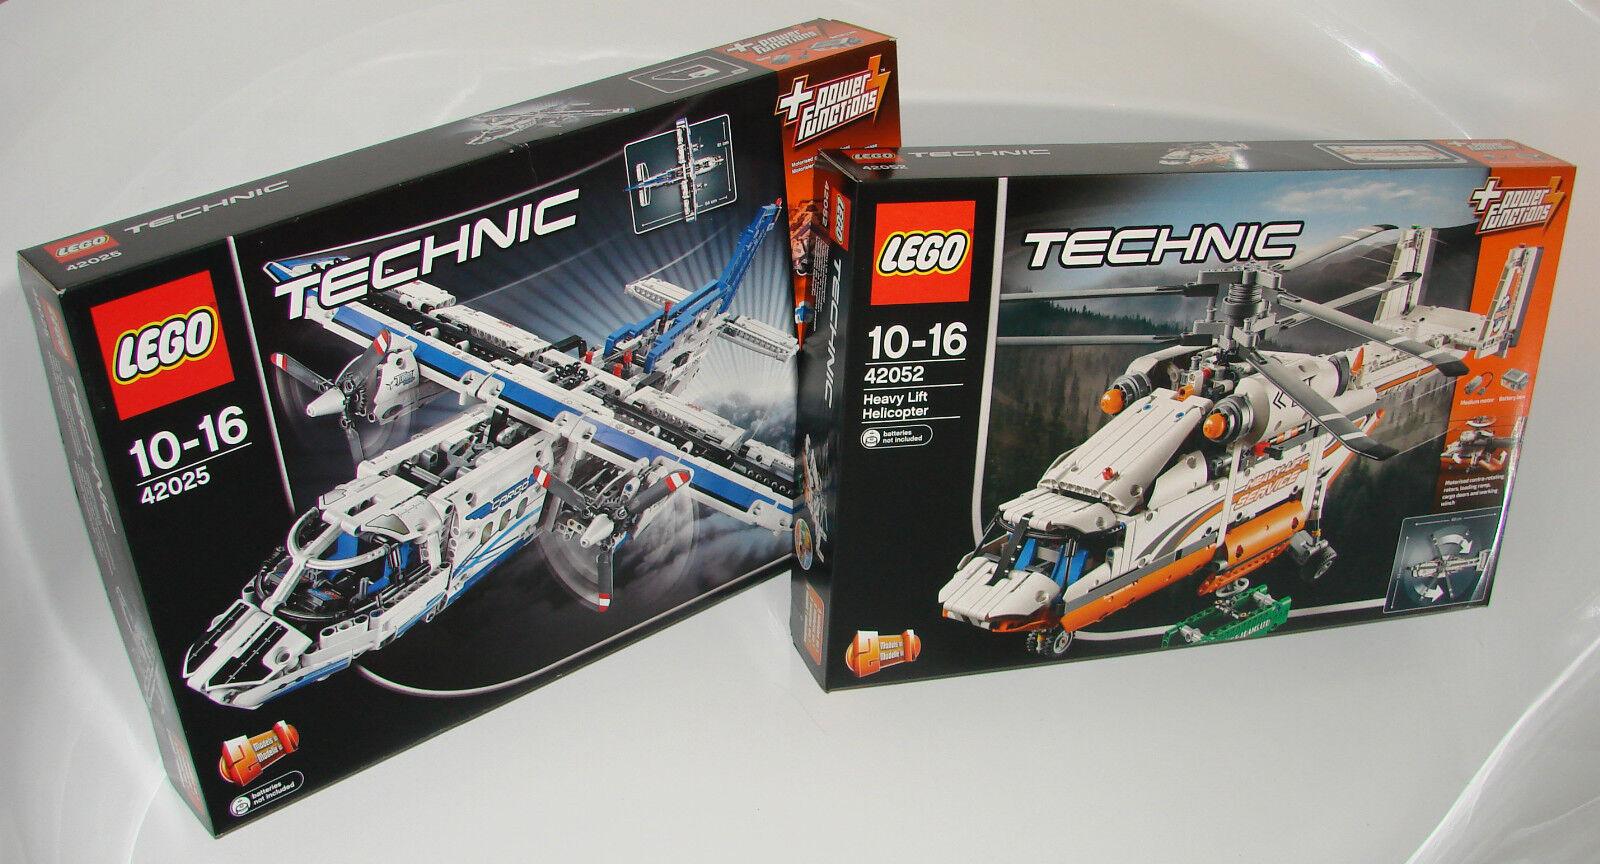 LEGO ® Technic confezione doppia 42025+42052 Aereo Cargo + pesanti Elicottero NEW